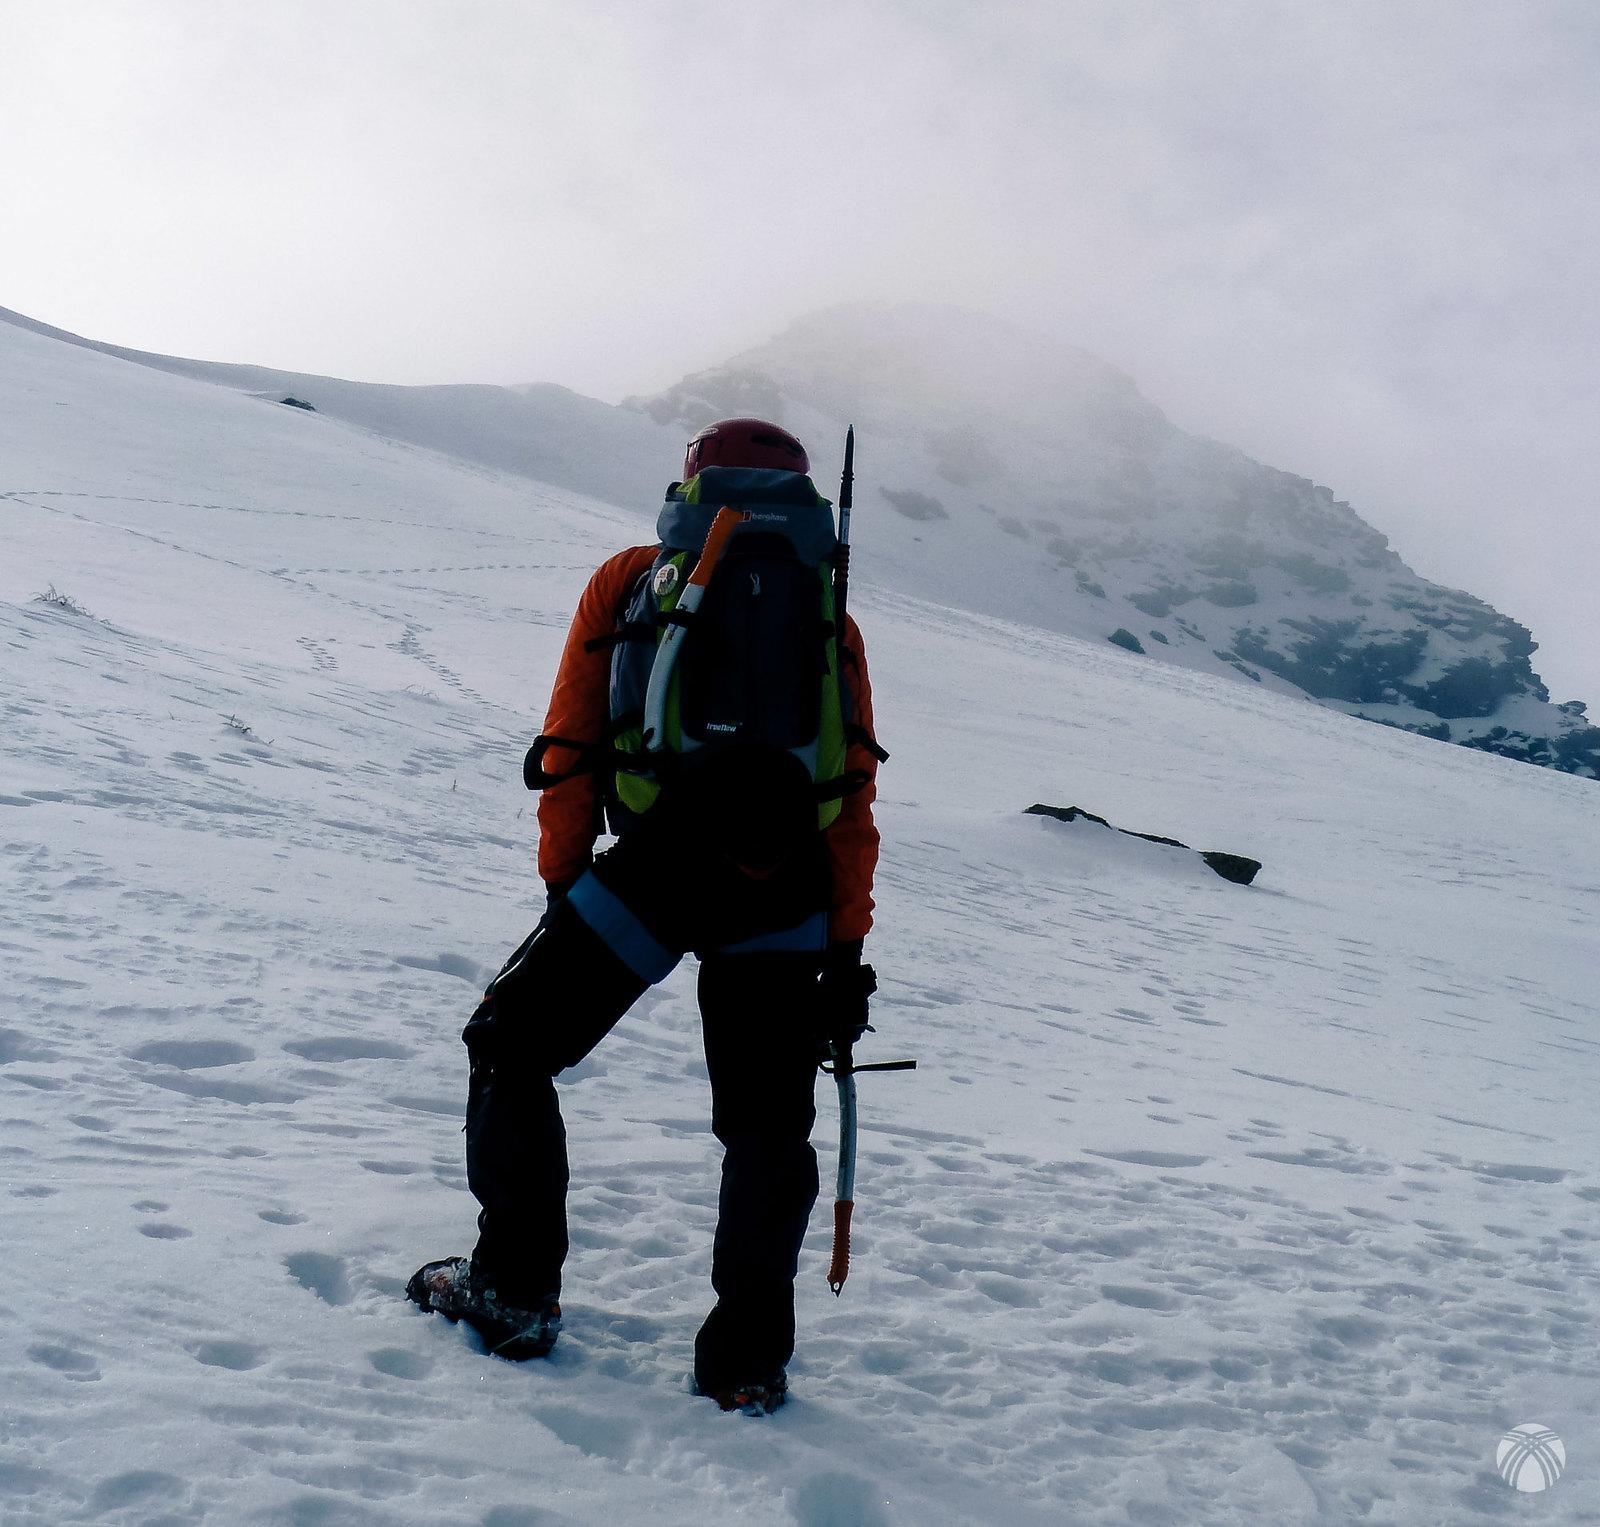 La cumbre se cierra por momentos